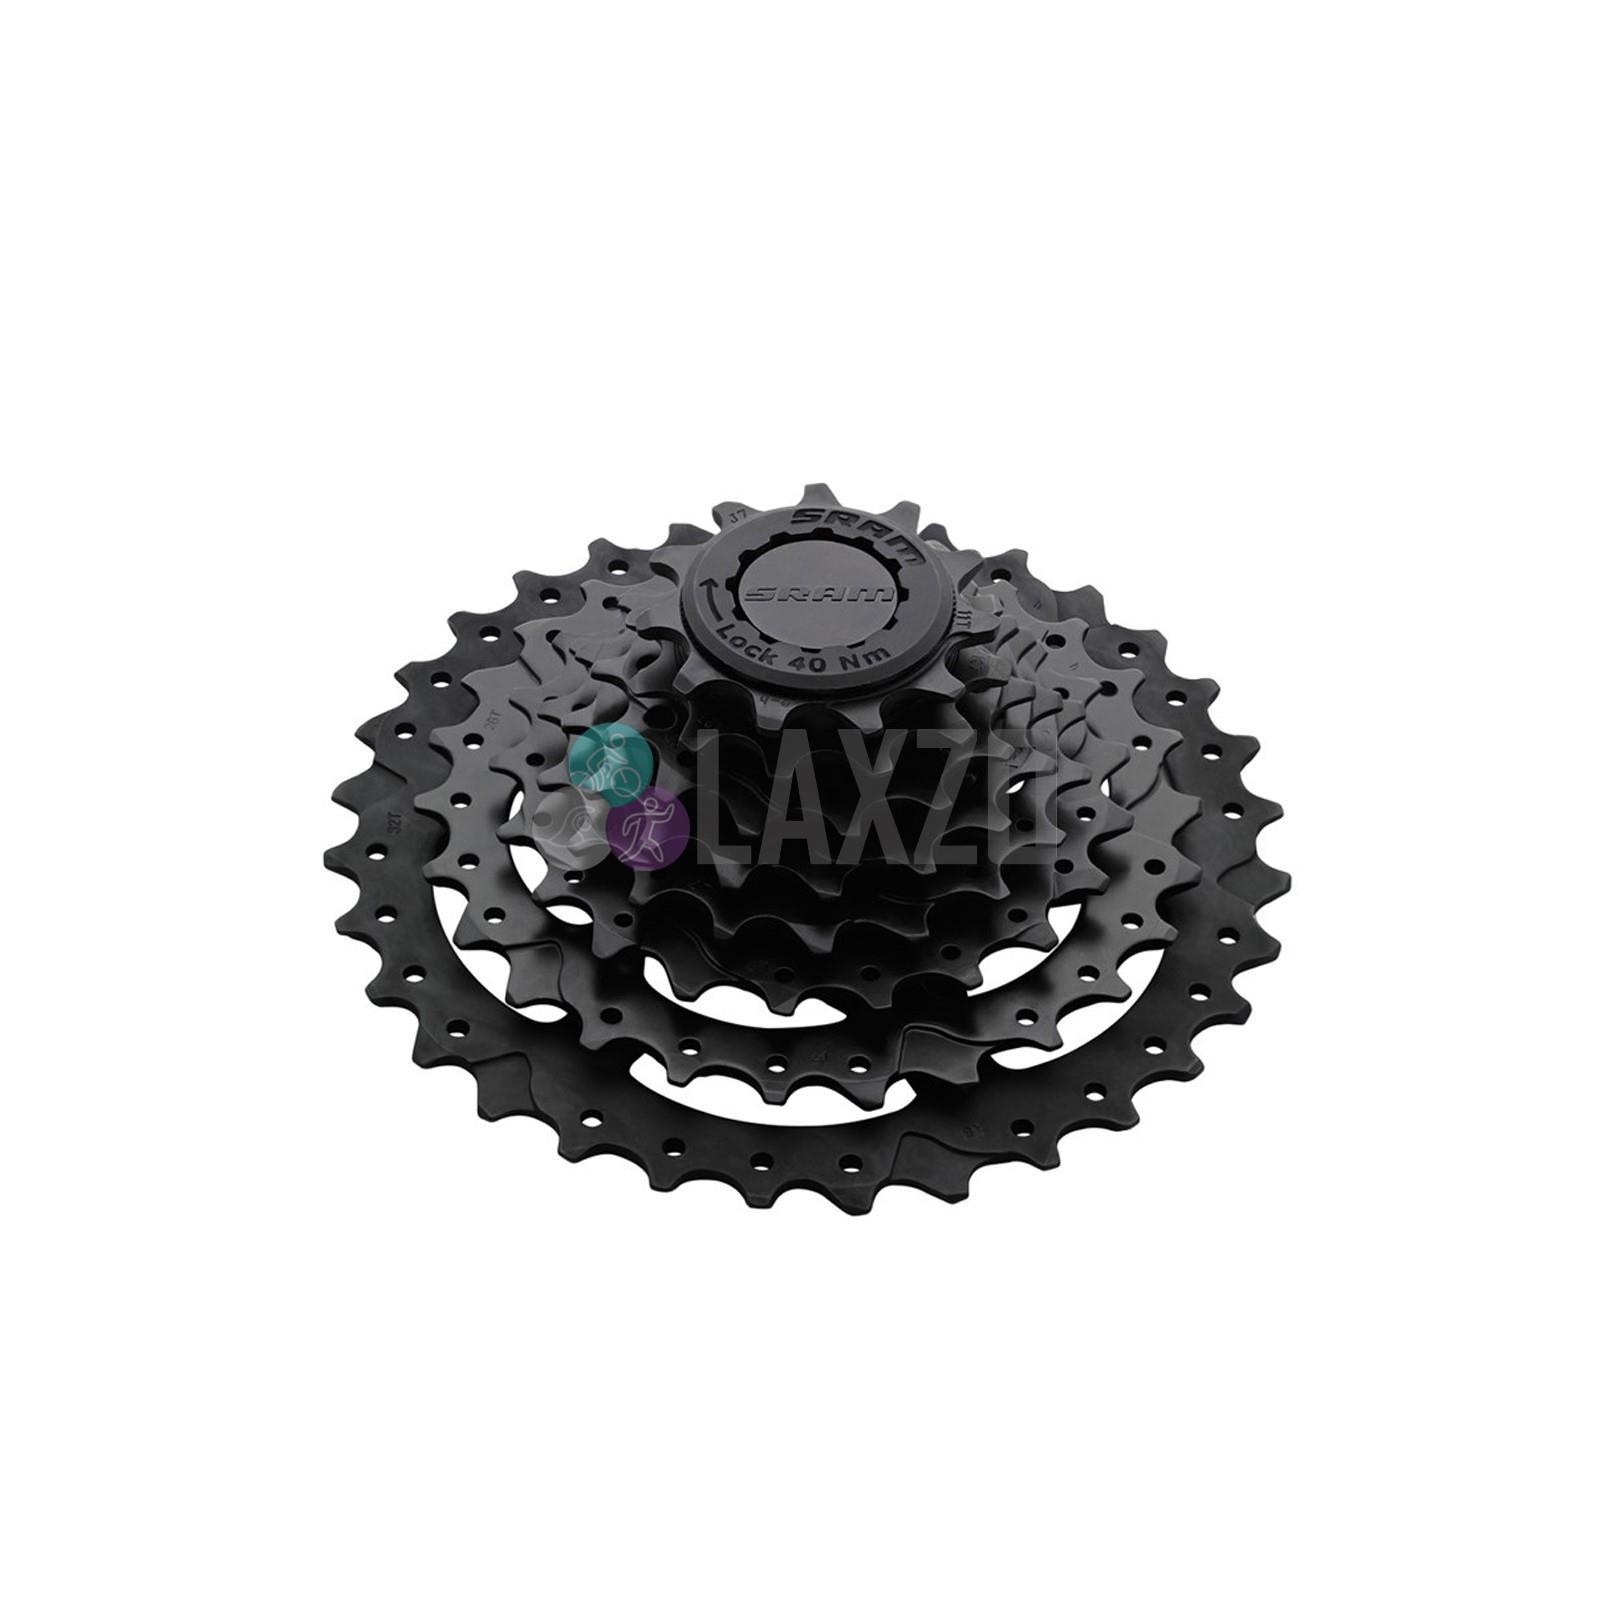 SRAM PG-820 11-28 8 speed Cassette Black